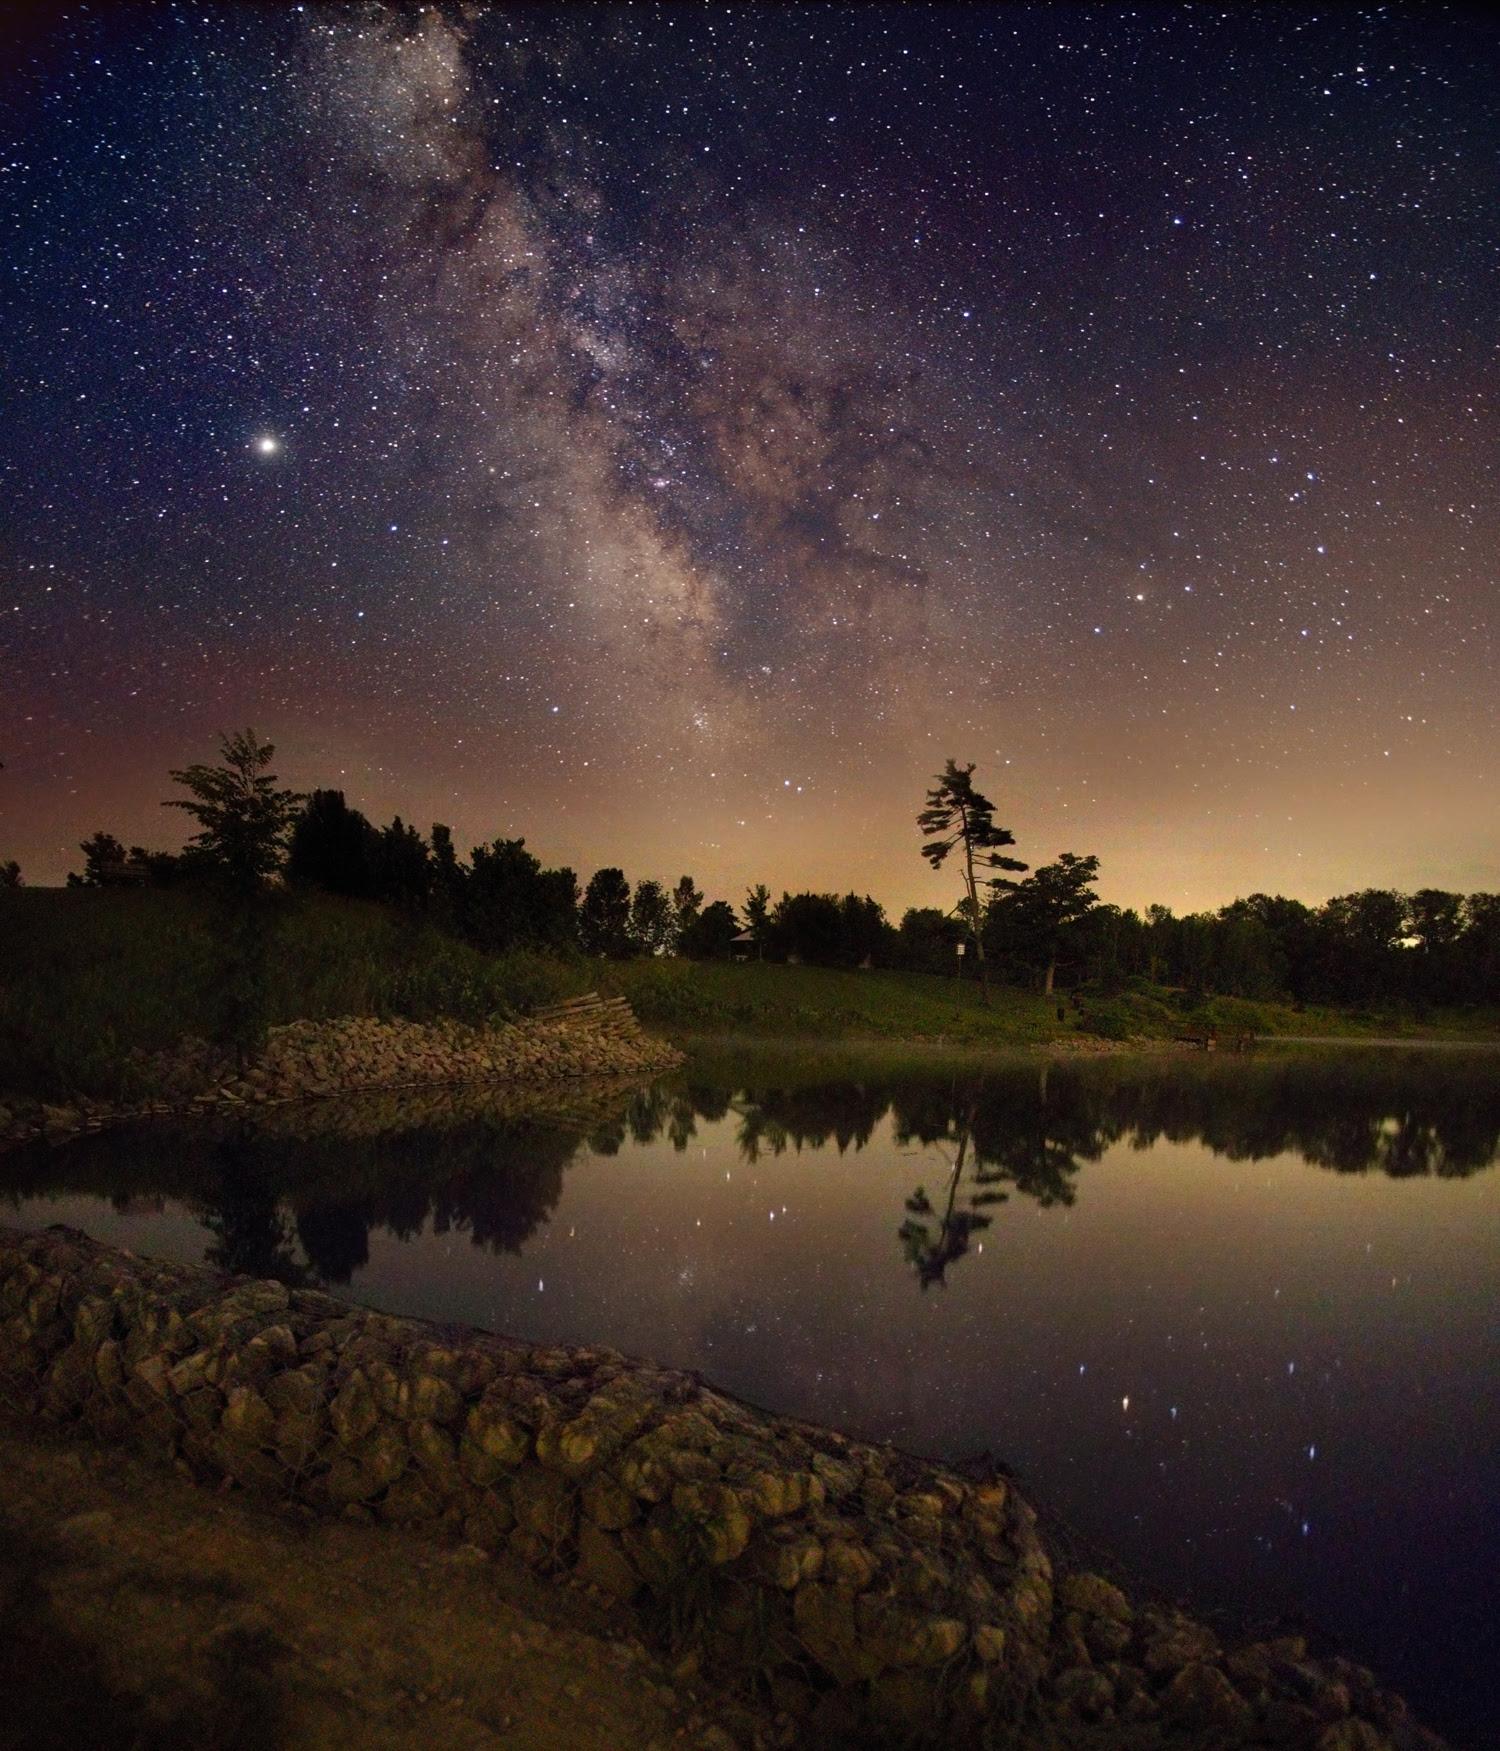 ありえないぐらいきれいに見える 天の川 の写真をnasaが公開 Gigazine